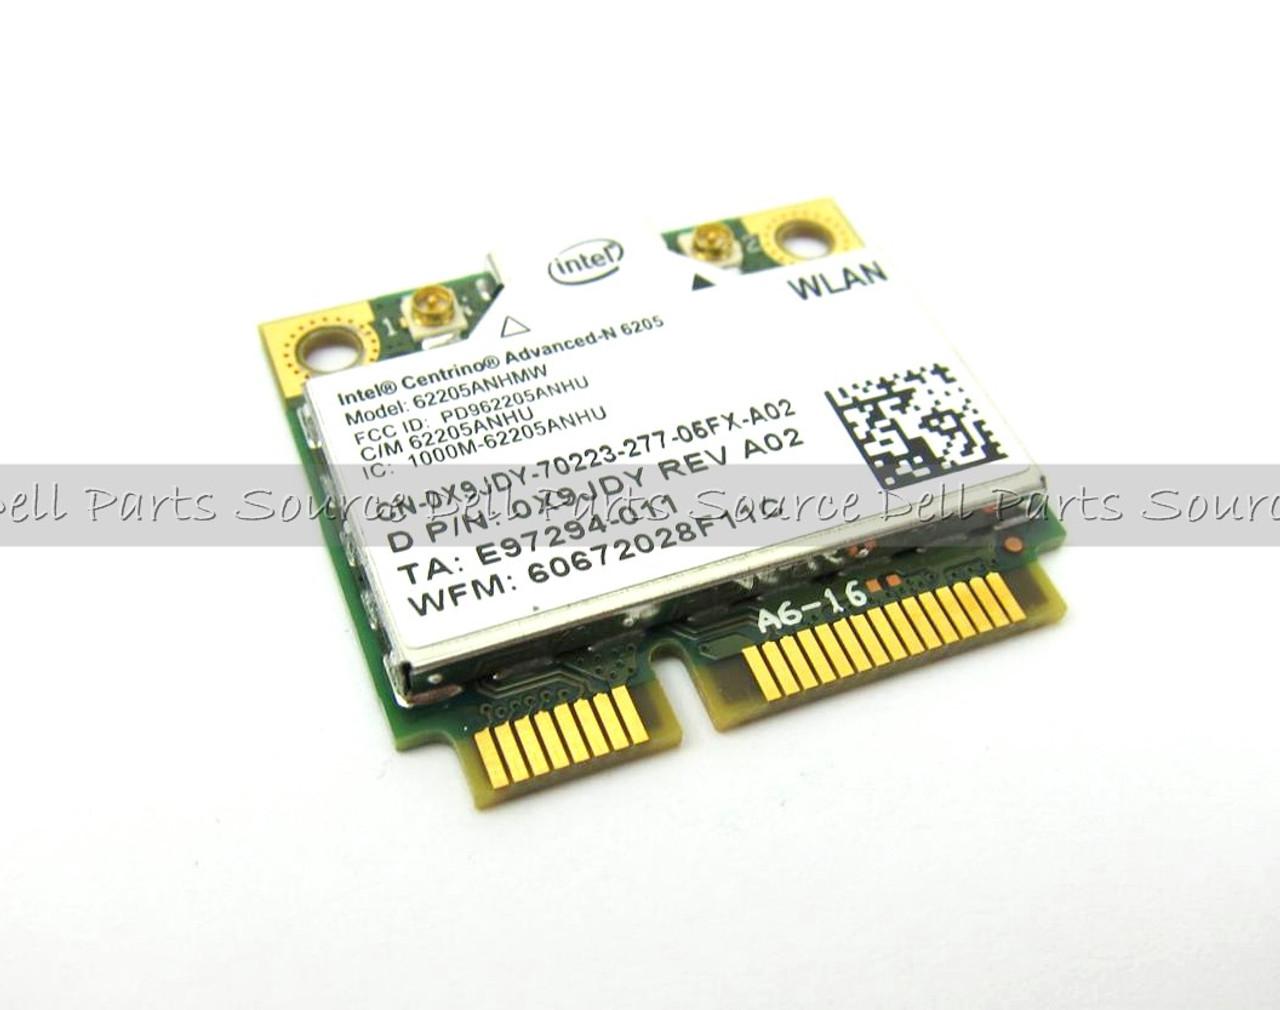 Dell Intel Centrino Advanced-N 6205 Wireless WiFi 802.11 a/b/g/n Half-Height Card - X9JDY